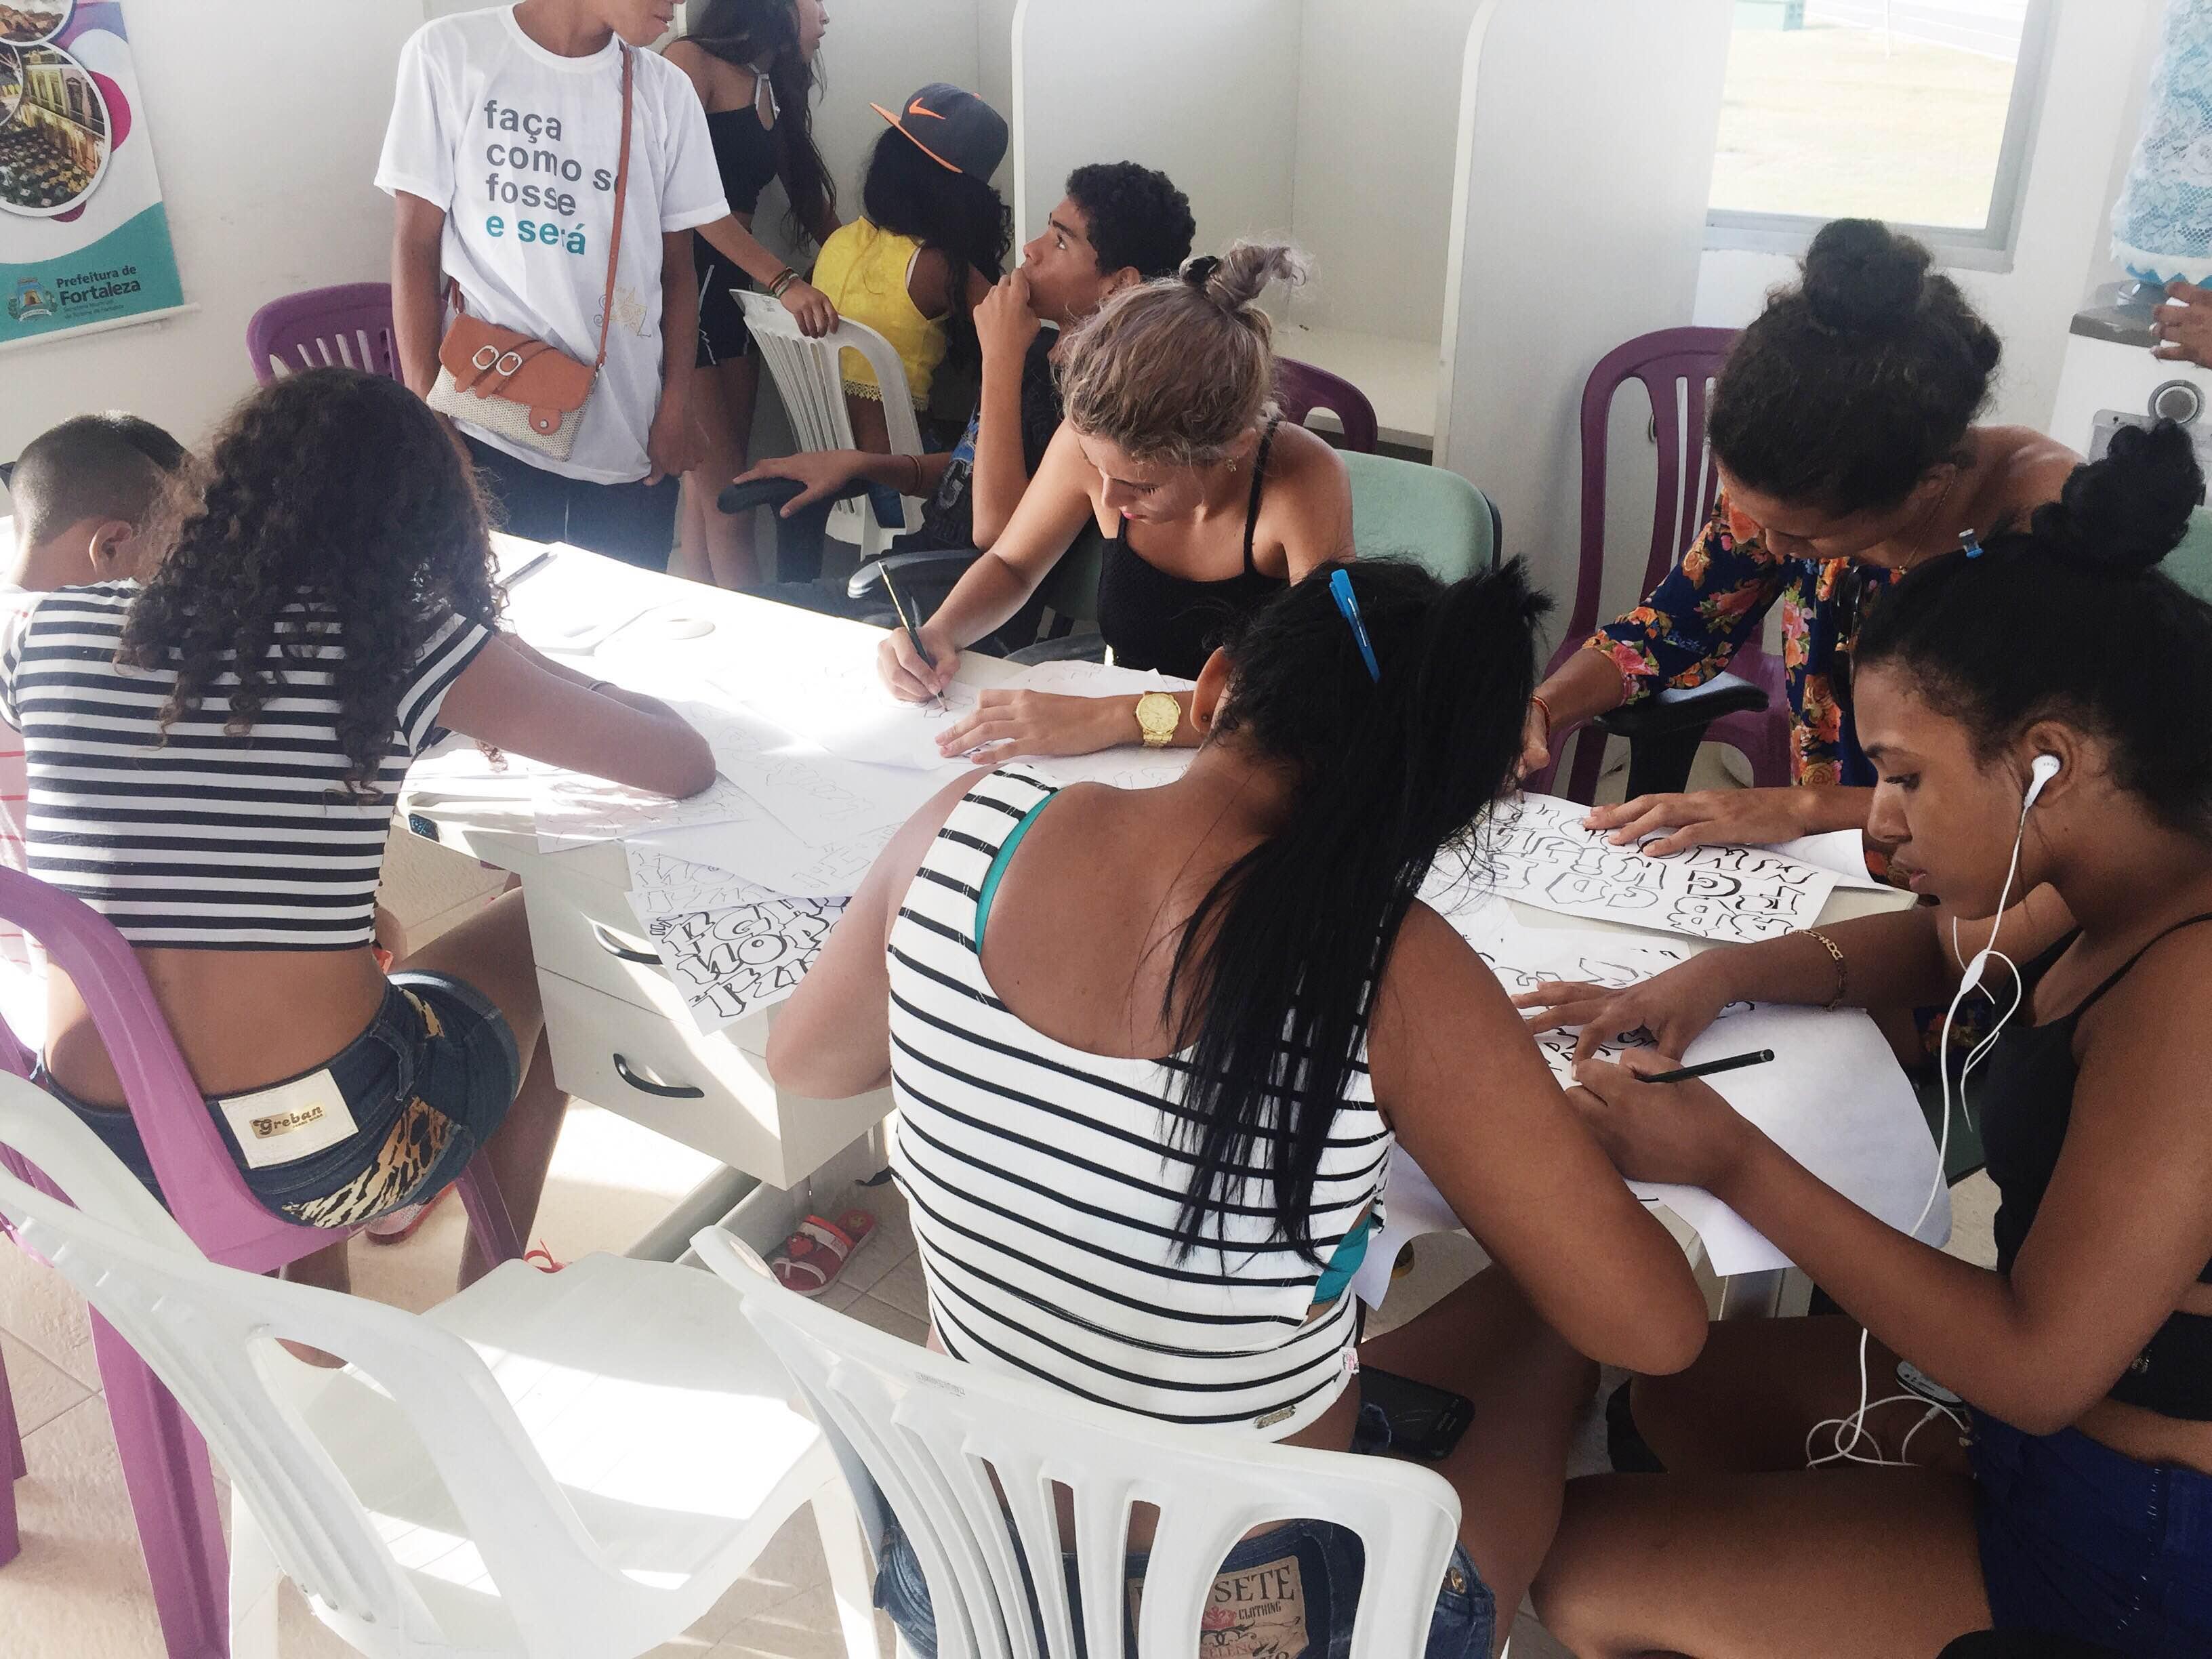 As oficinas tem como objetivo a ocupação de espaços públicos por meio da arte, educação, qualificação e valorização da diversidade cultural. (FOTO: Juliana Teófilo/Tribuna do Ceará)